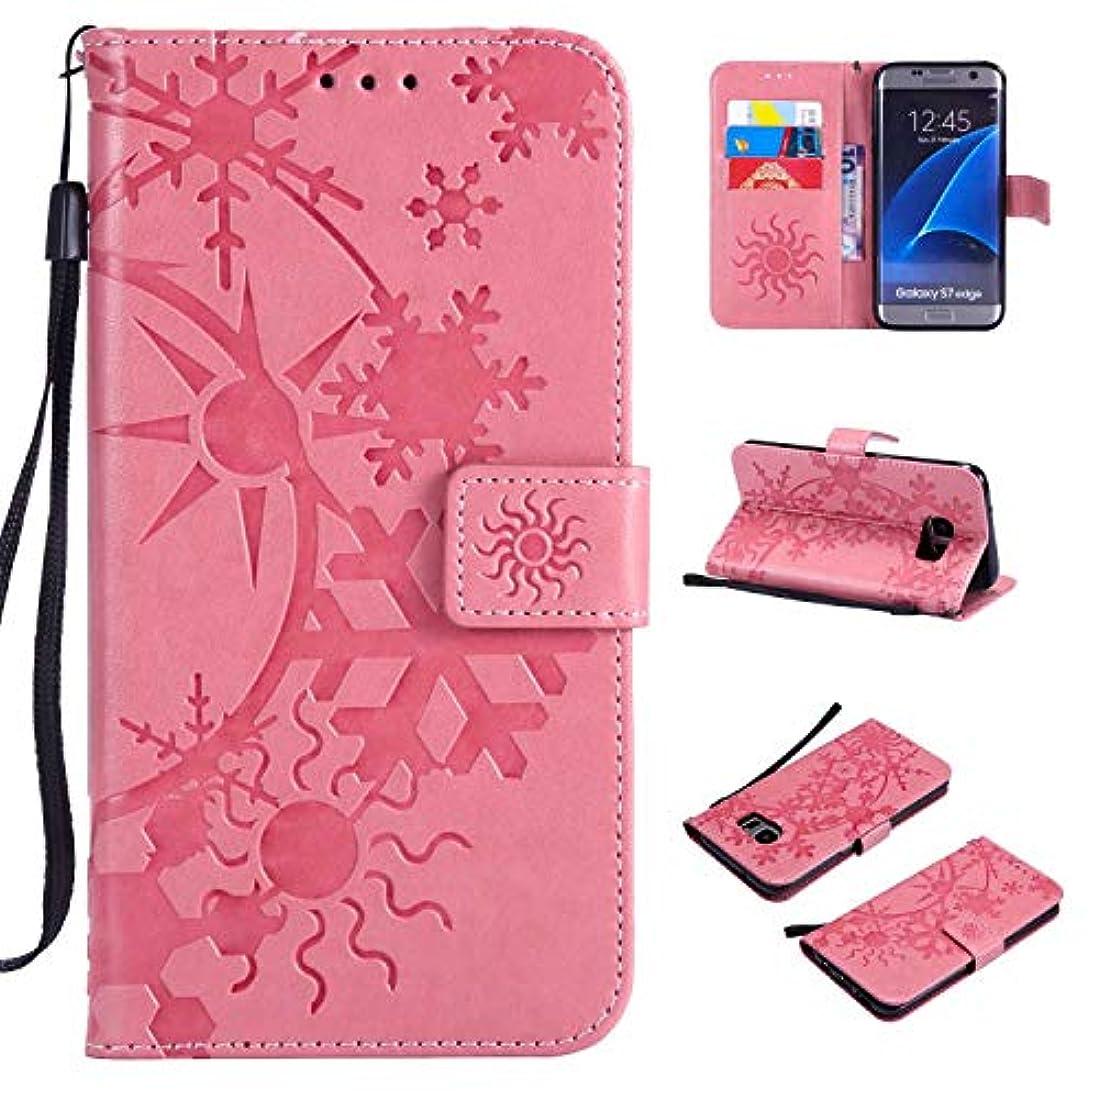 Galaxy S7 Edge ケース CUSKING 手帳型 ケース ストラップ付き かわいい 財布 カバー カードポケット付き Samsung ギャラクシー S7 Edge マジックアレイ ケース - ピンク